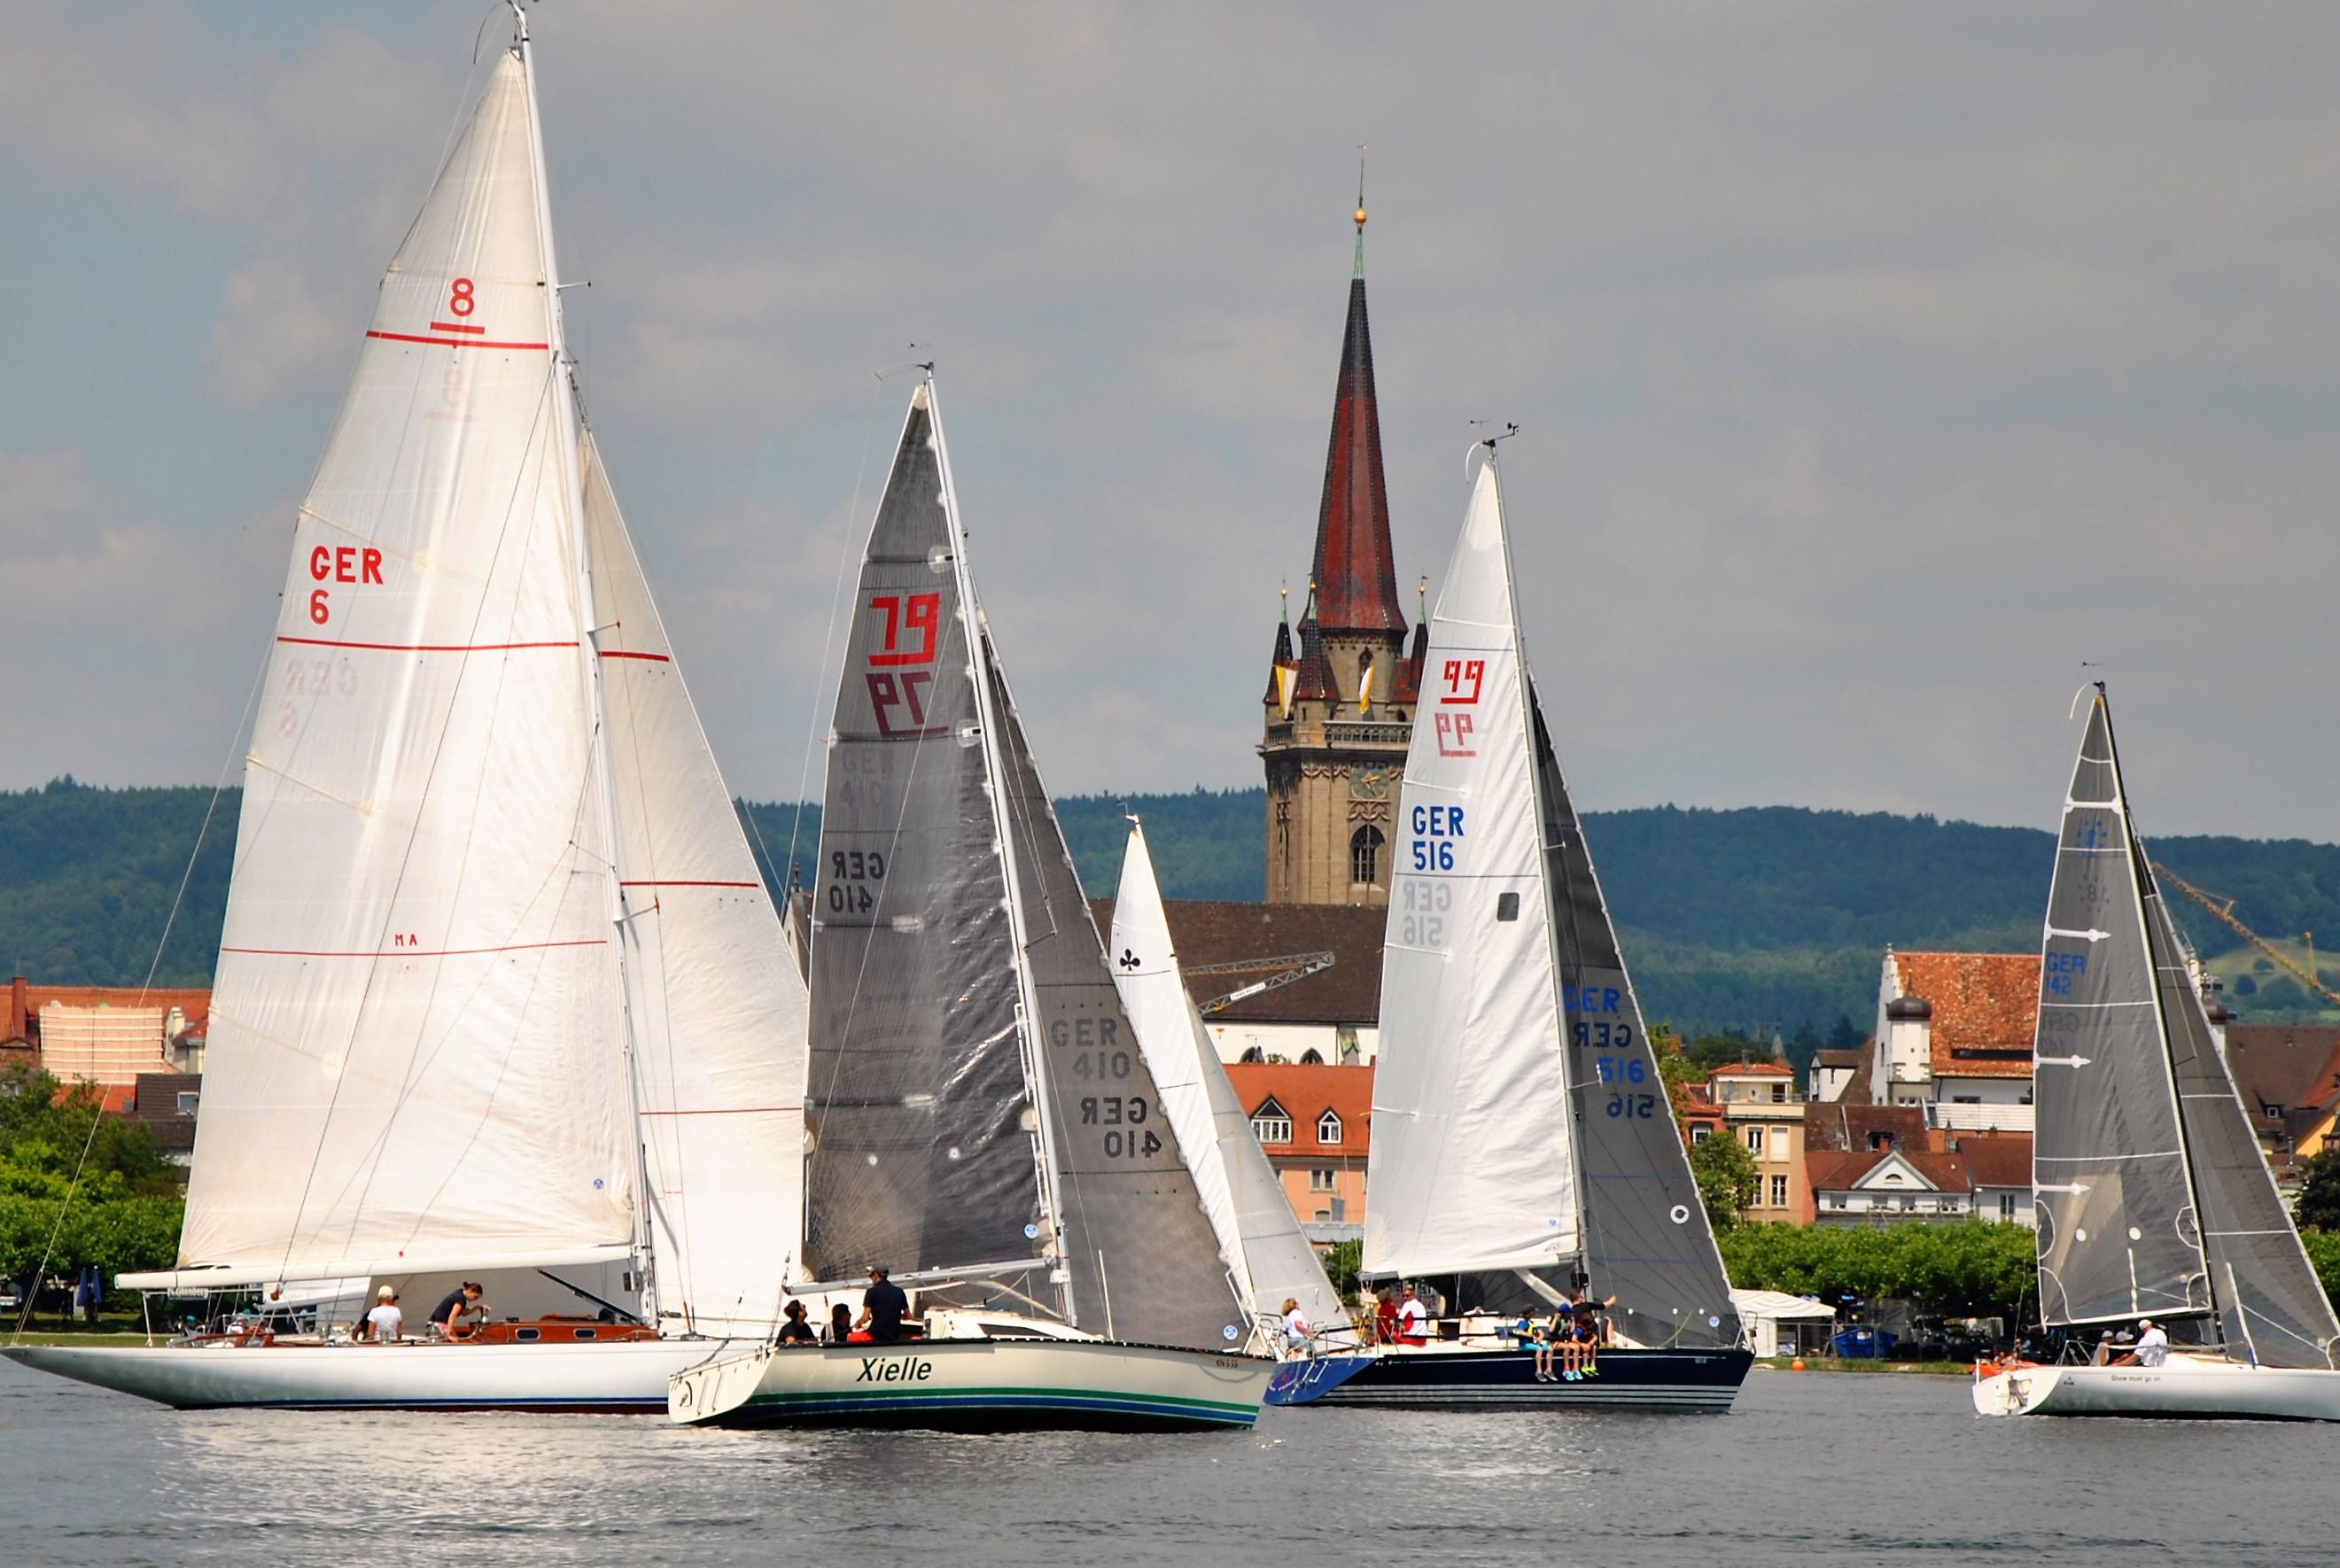 Yachtclub Radolfzell